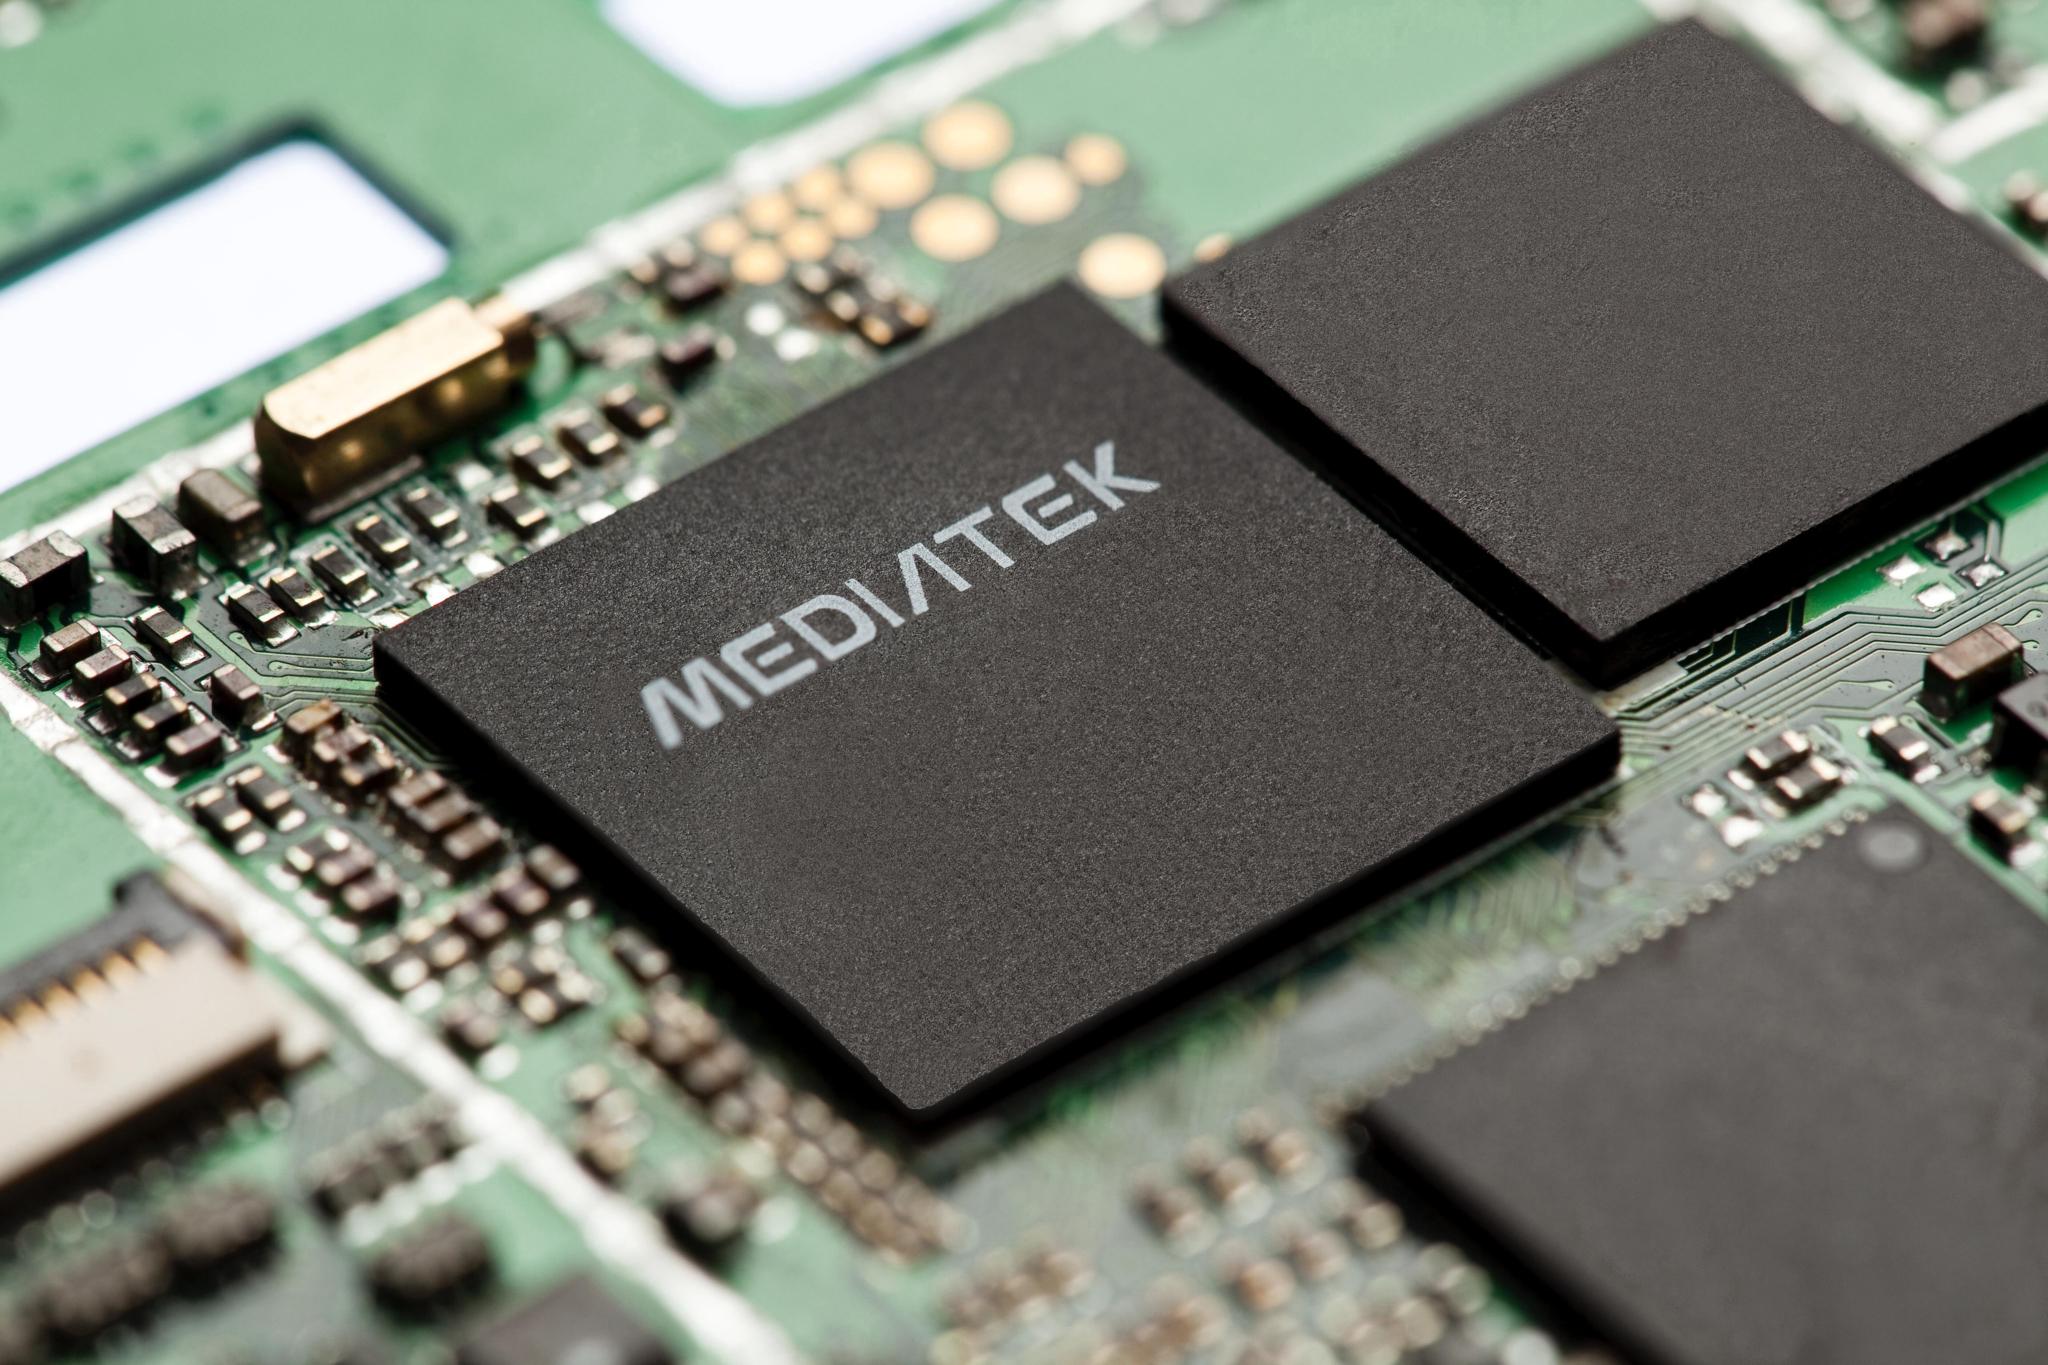 MediaTek spolupracuje s Intelem na 5G modemu pro notebooky